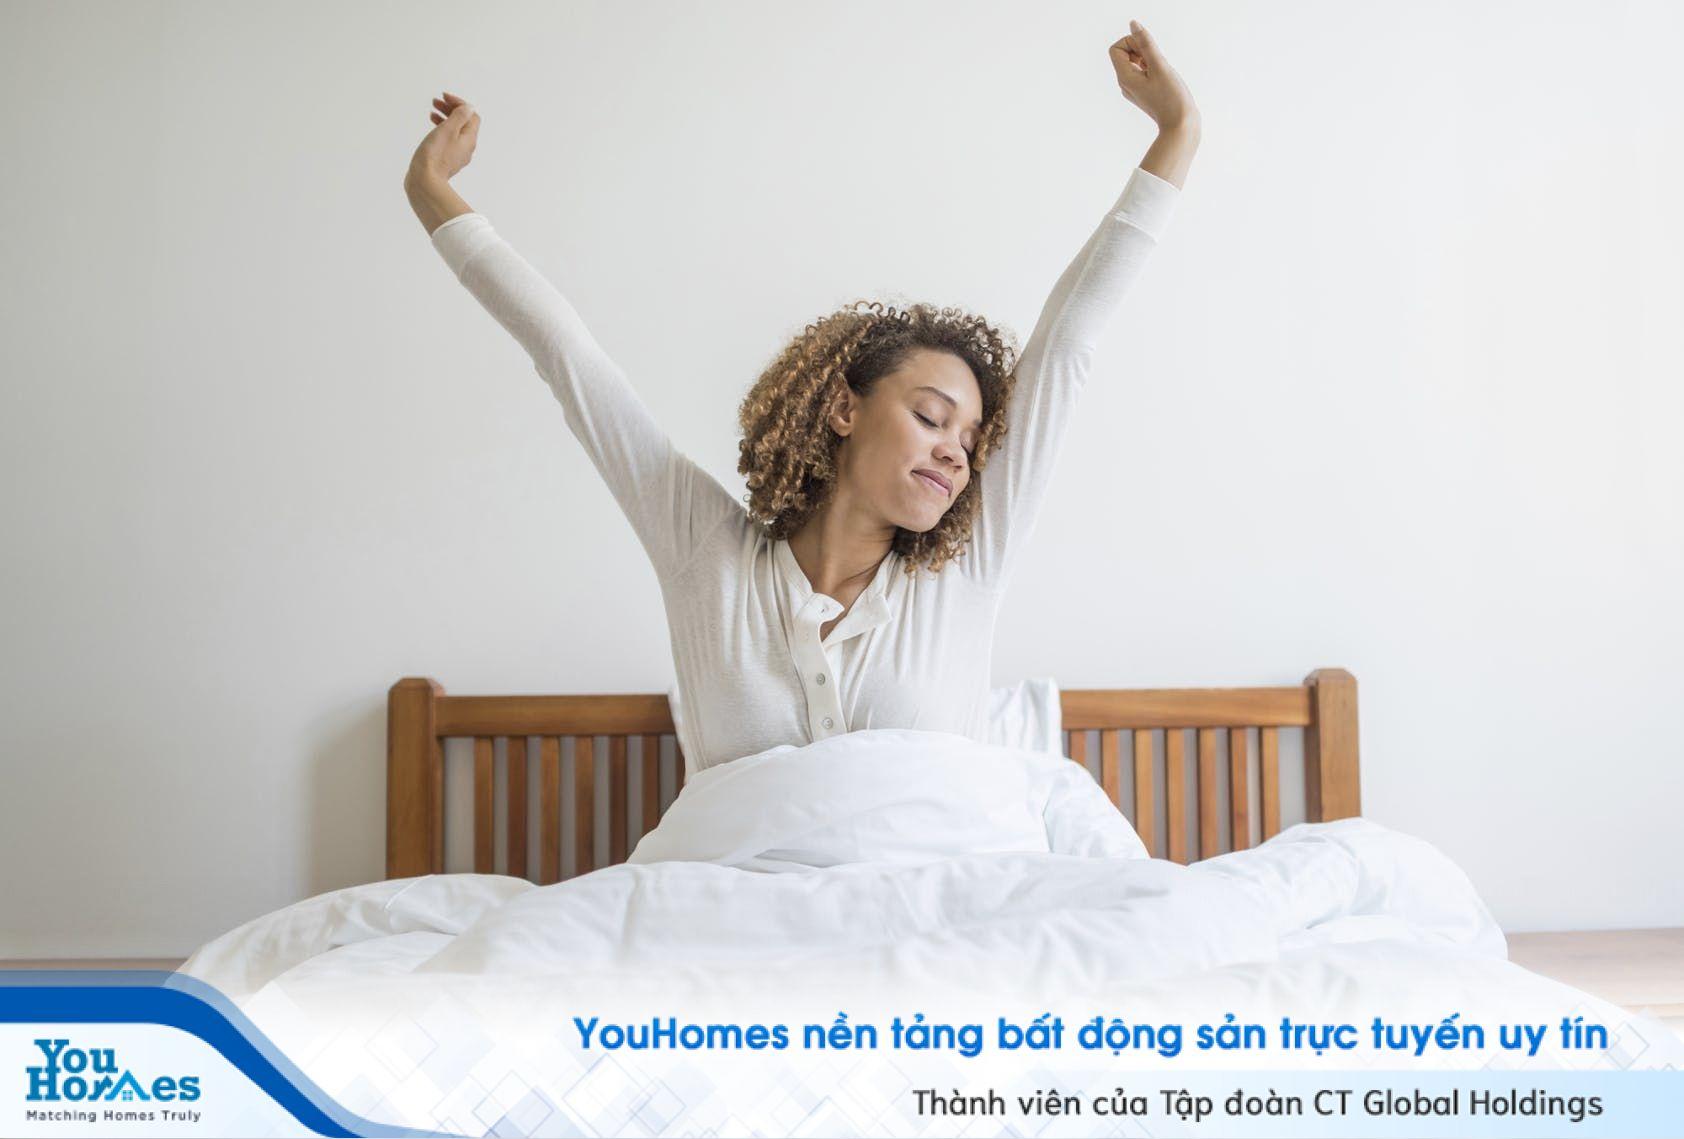 Những điều bạn nên biết trước khi mua một chiếc giường mới